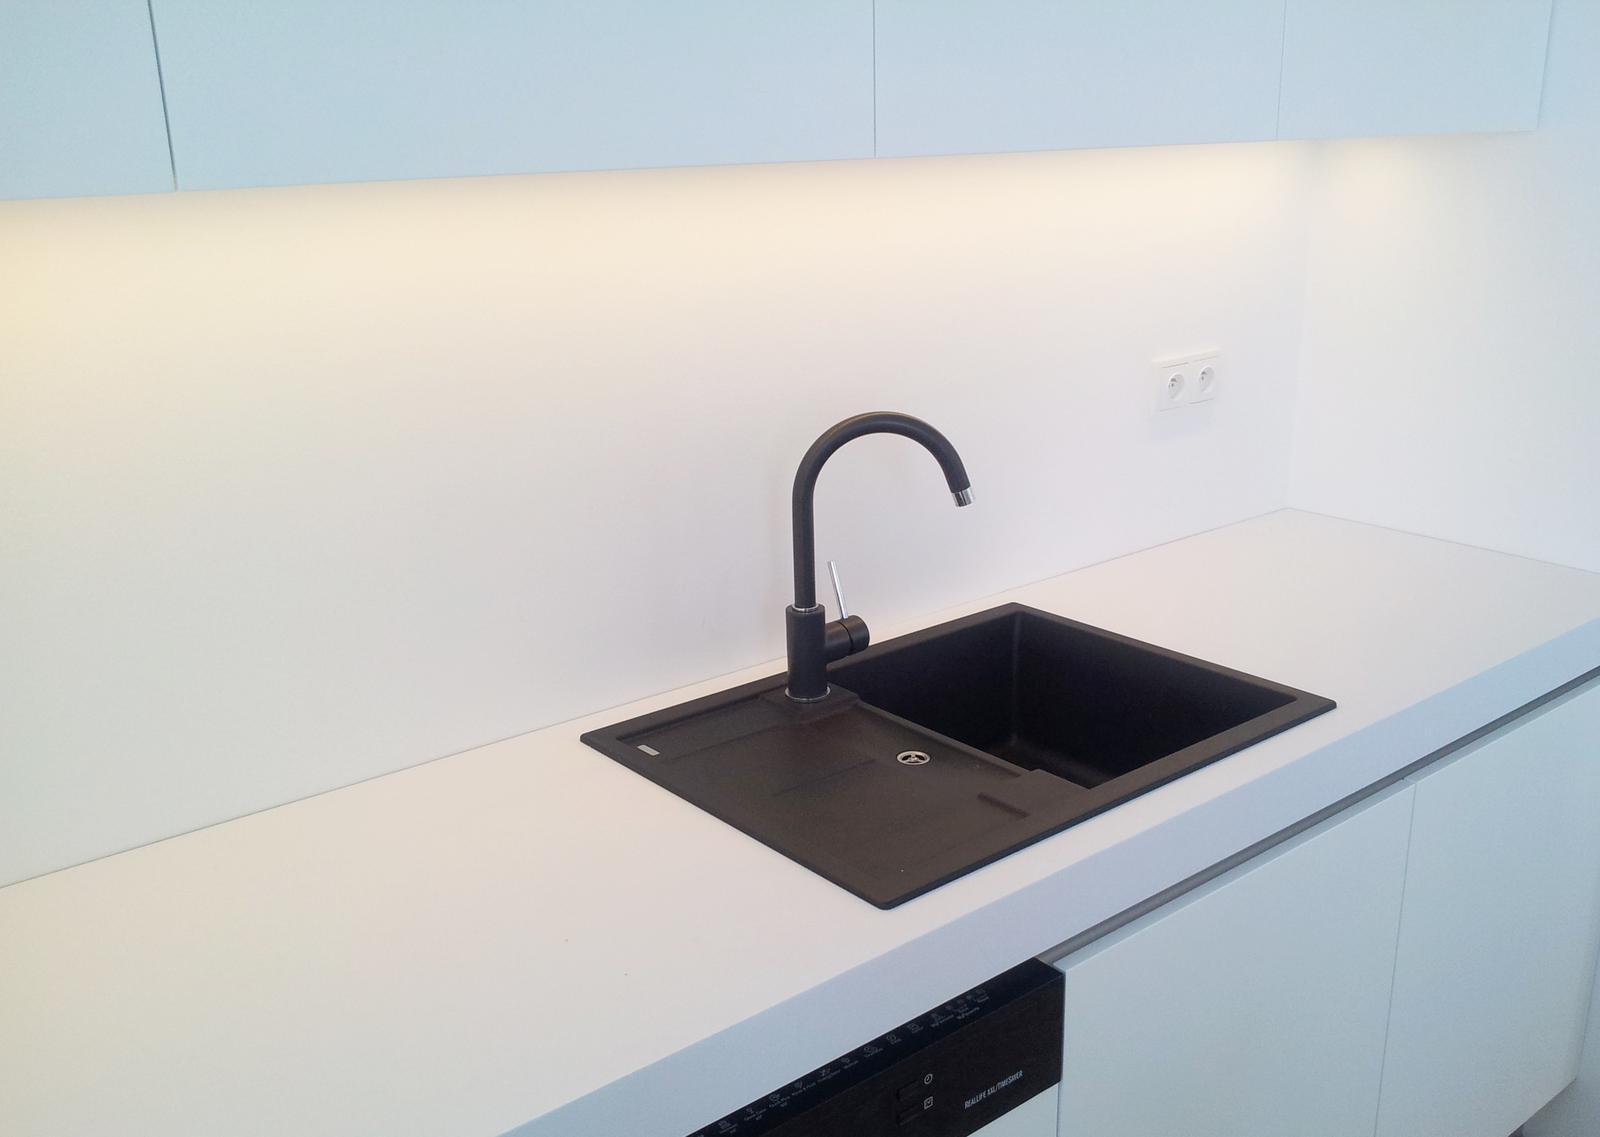 Dizajn a výroba nábytku na mieru Cubica - Kuchynská linka - výroba cubica